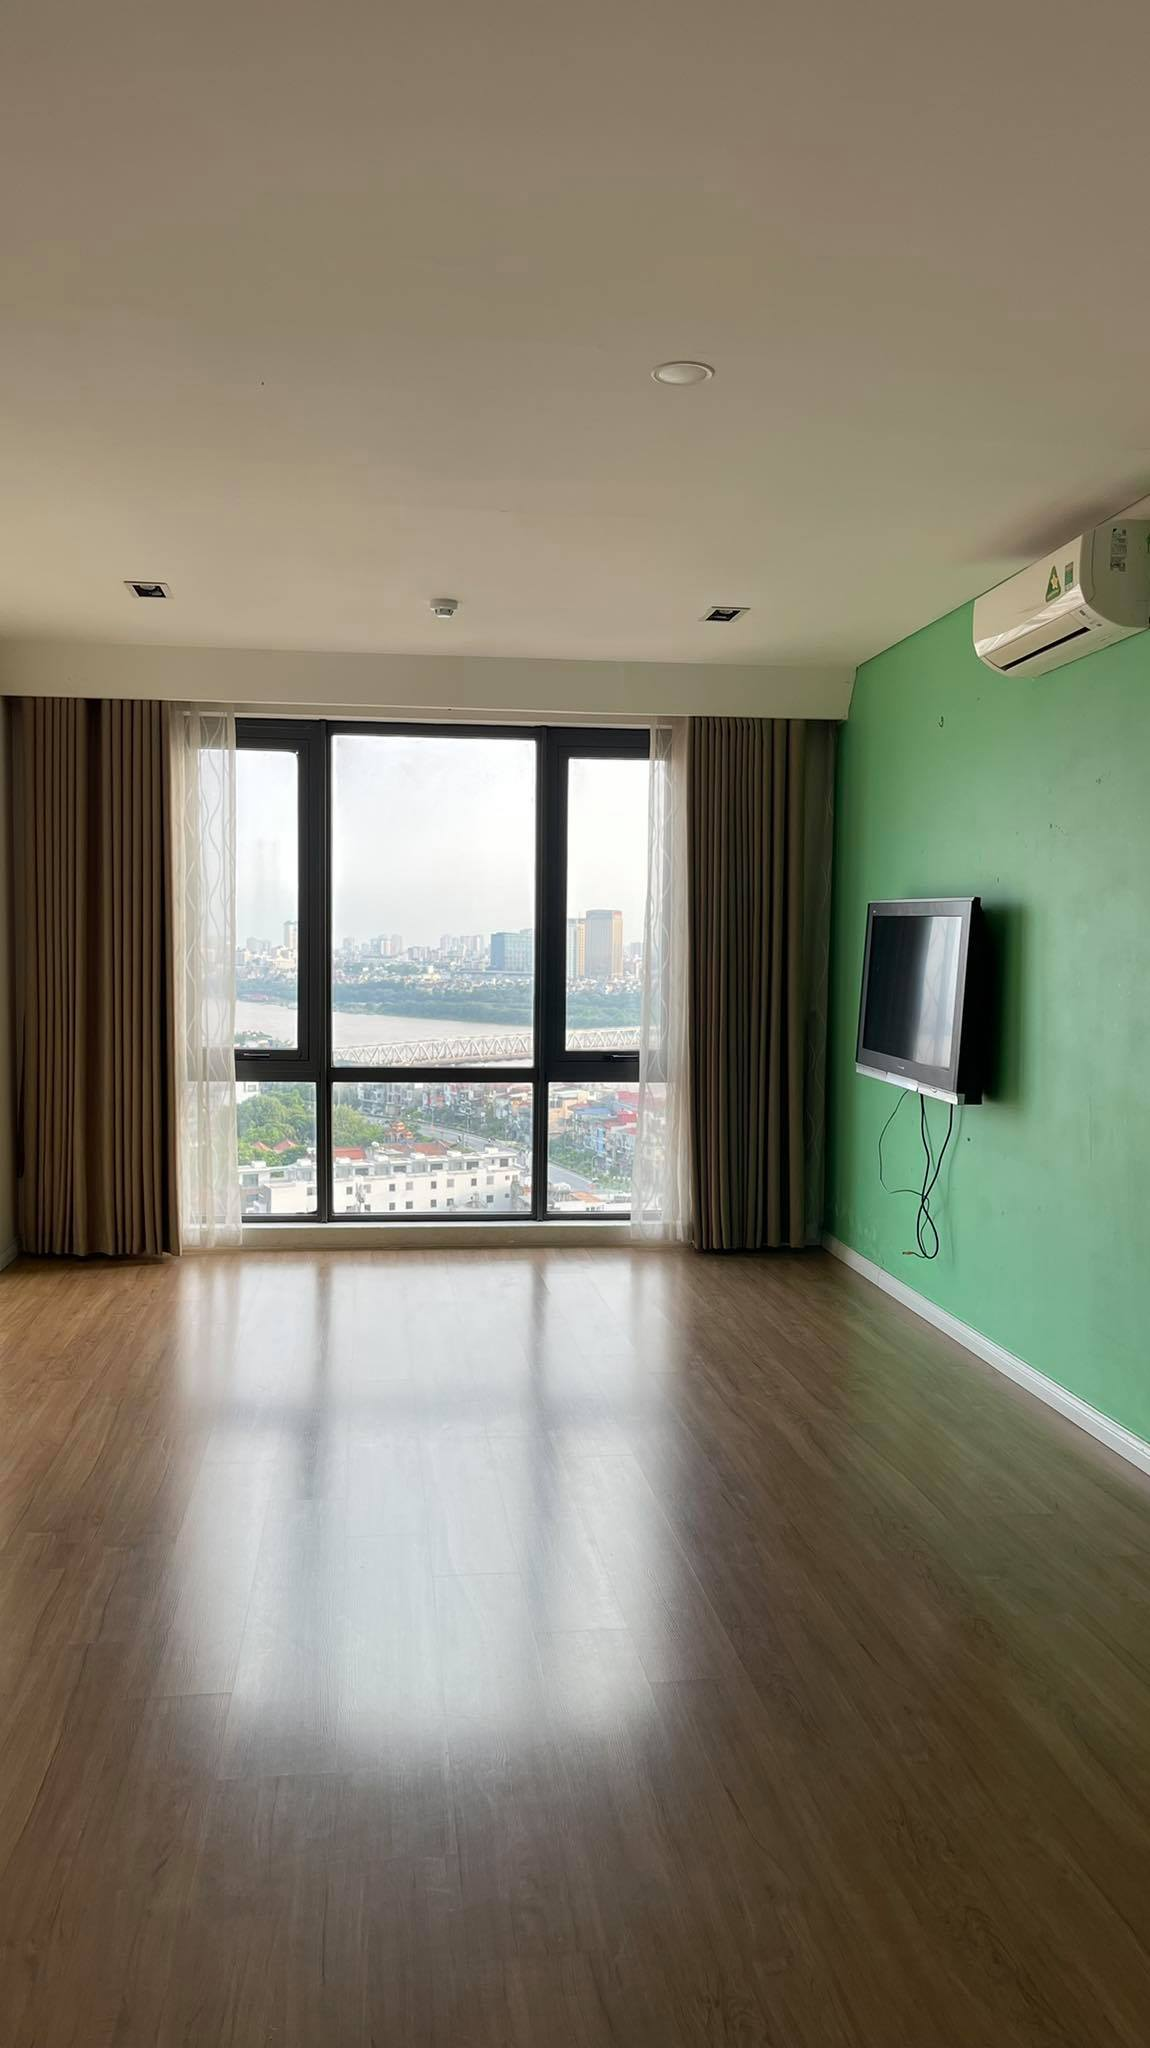 Cần bán Căn hộ chung cư dự án Mipec Riverside, Diện tích 120m², Giá Thương lượng - LH: 0936262111